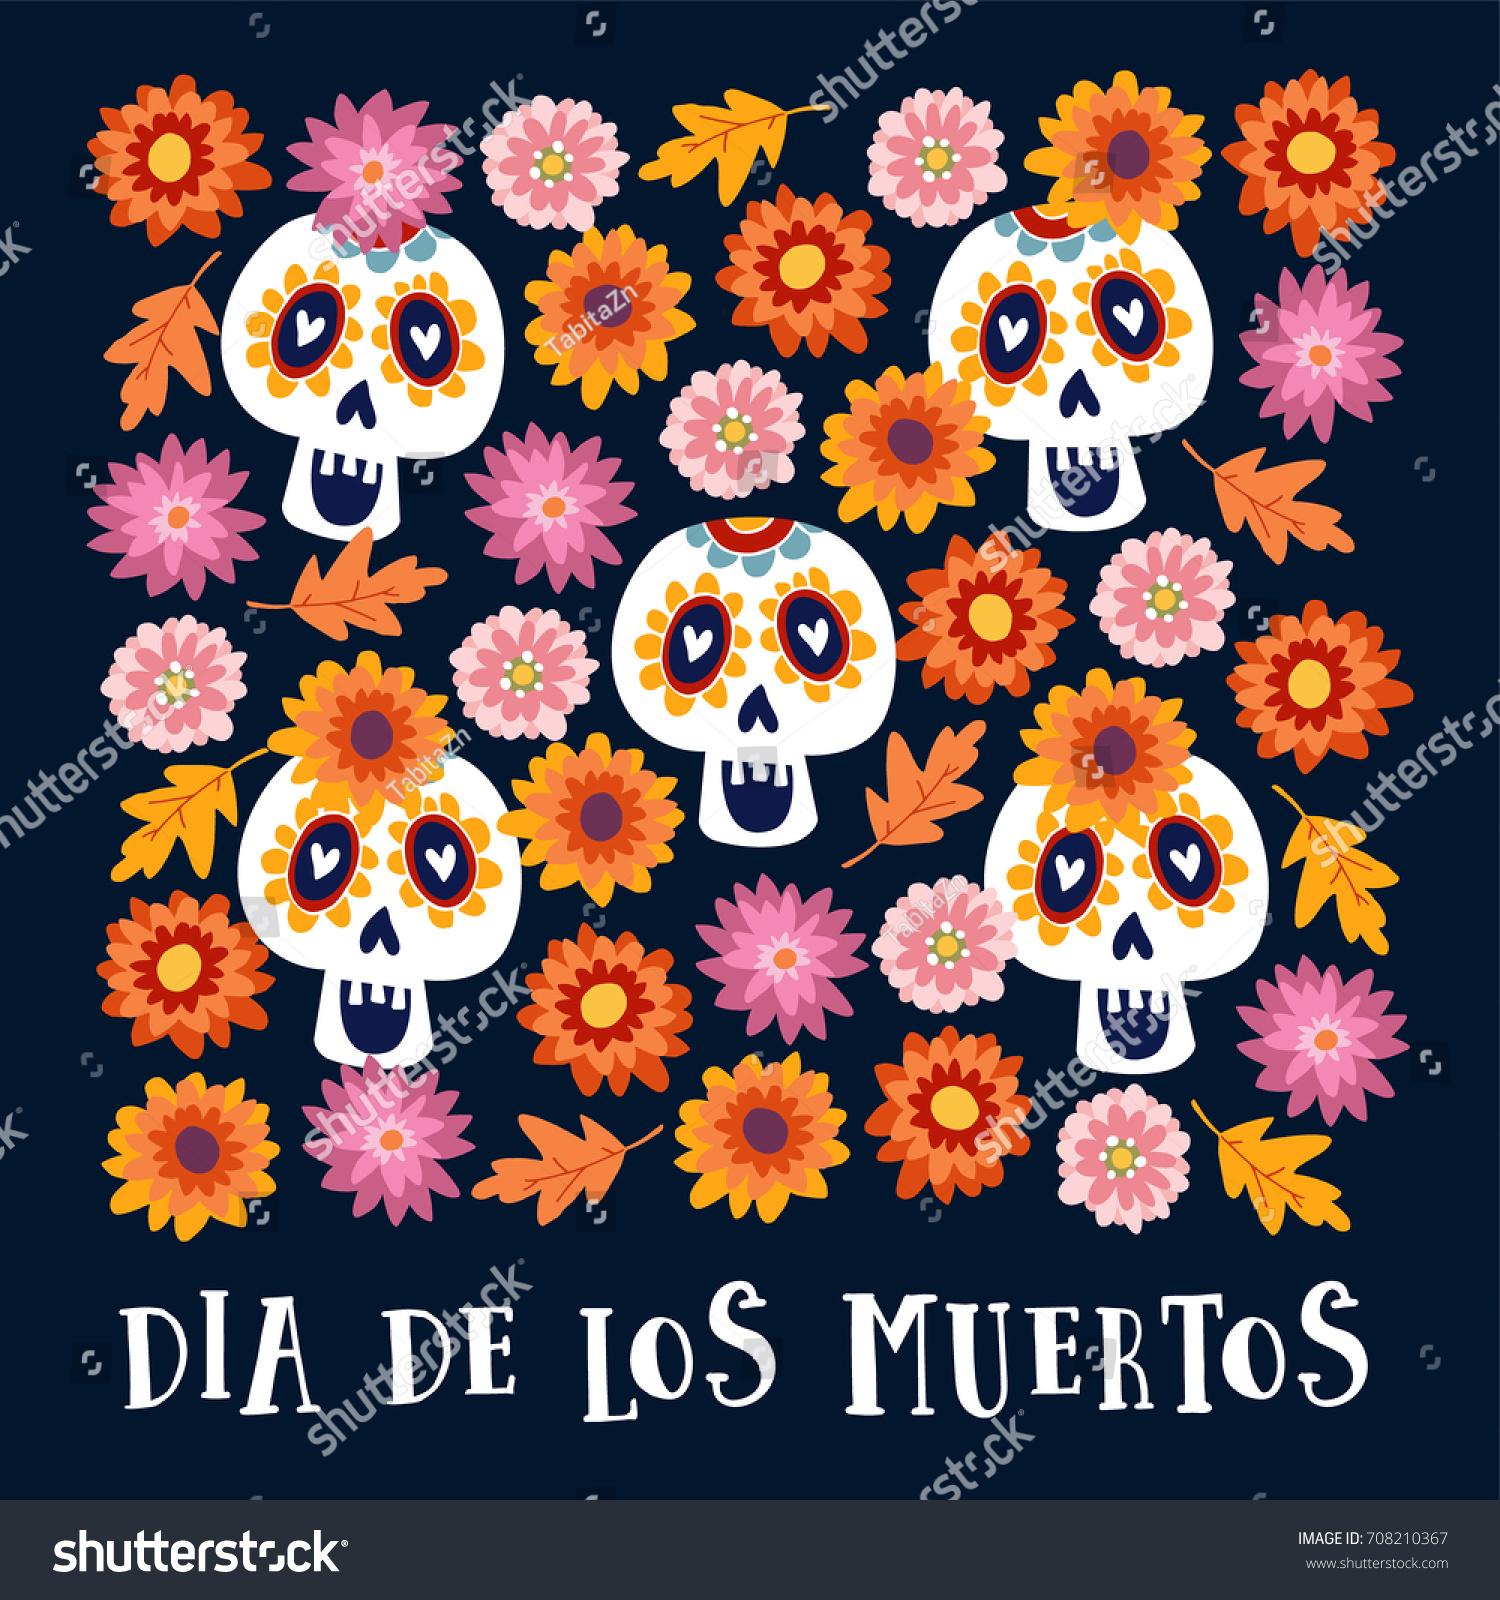 Dia De Los Muertos Halloween Greeting Stock Vector Royalty Free